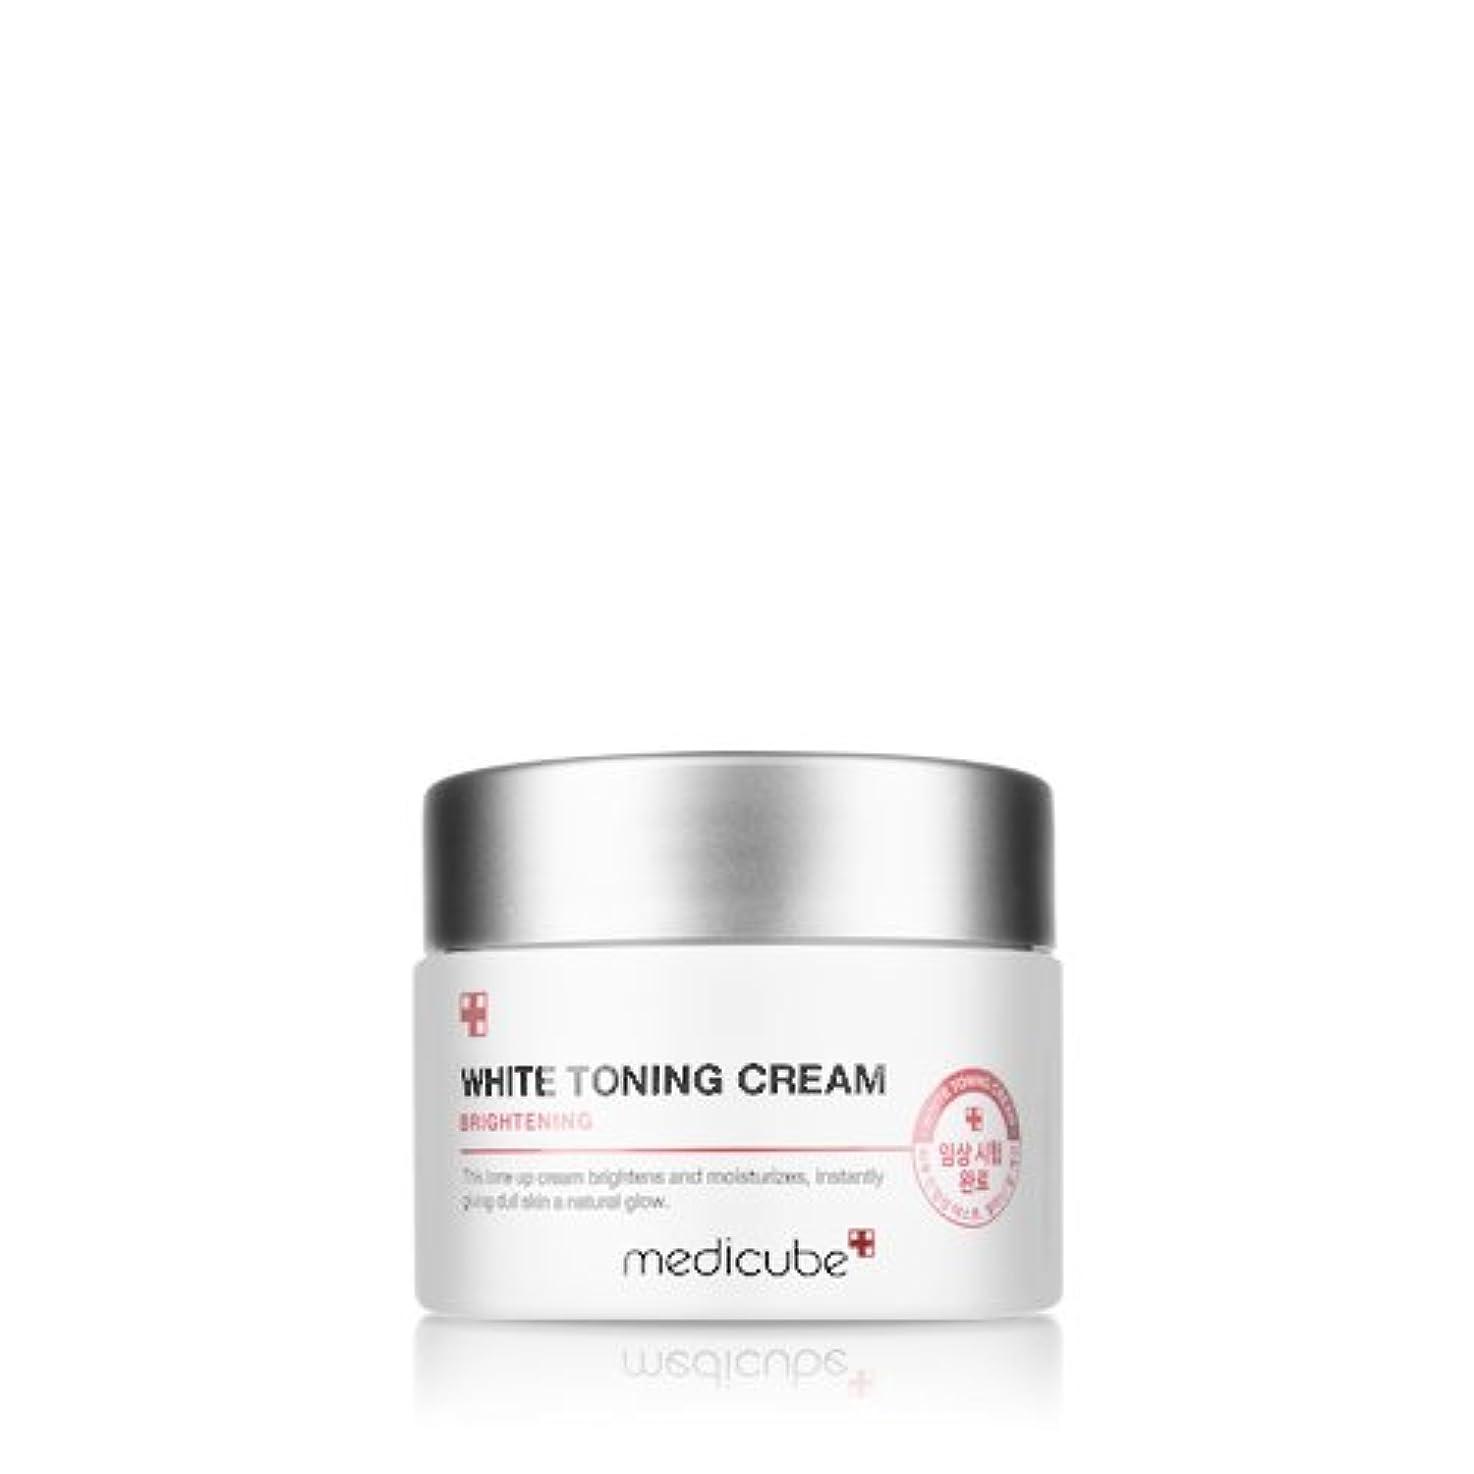 ムスたるみ丘[Medicube] WHITE TONING CREAM / メディキューブ ホワイトトーニングクリーム / 正品?海外直送商品